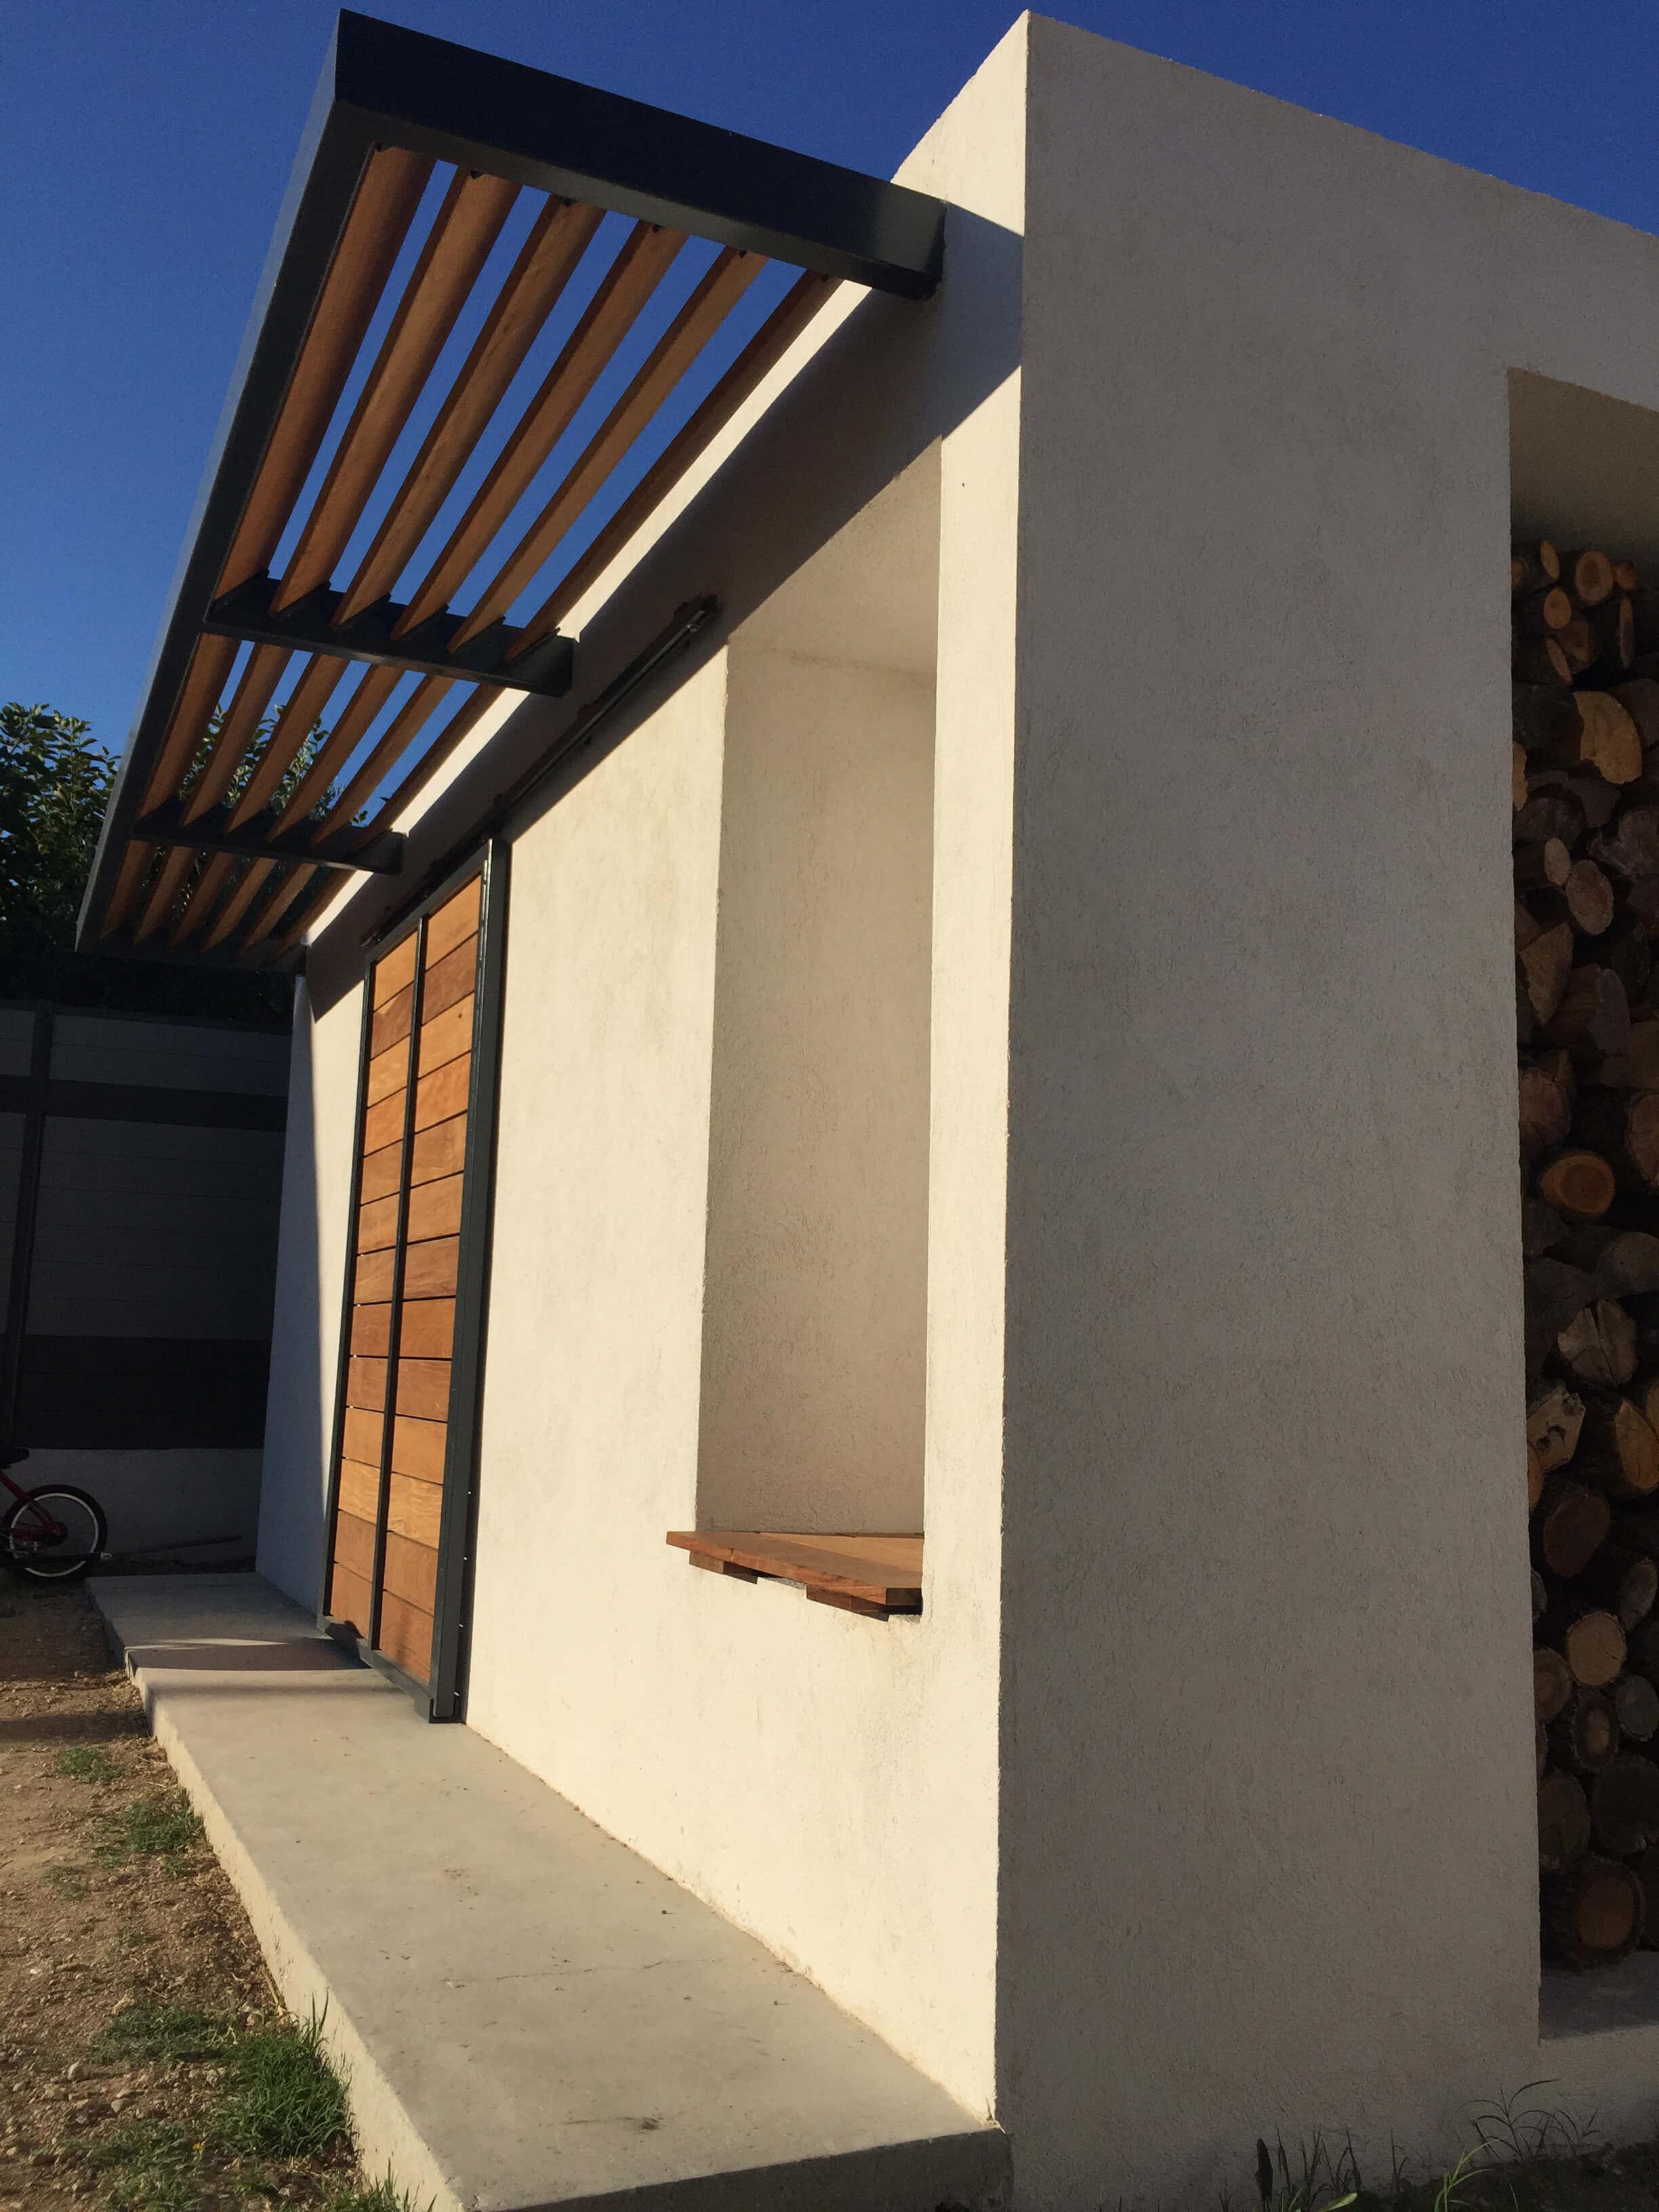 Pool house - Aix-en-Provence - Espaces Modernes